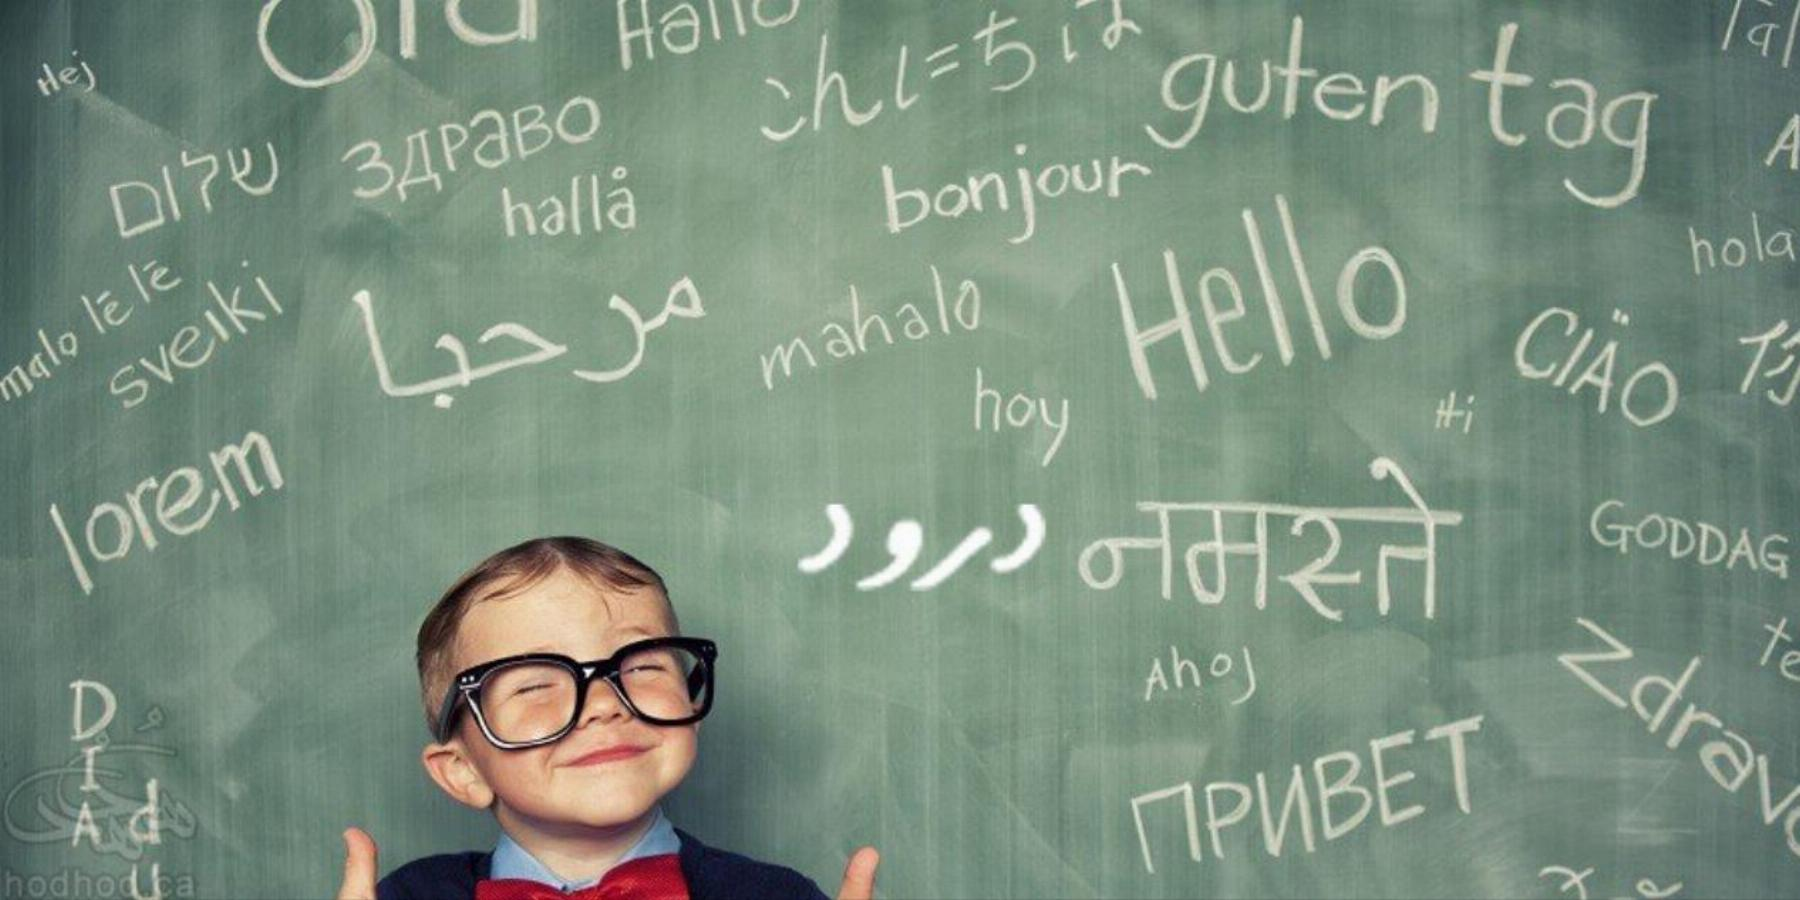 چه کنم که فرزندم پس از مهاجرت، زبان مادریش را فراموش نکند؟